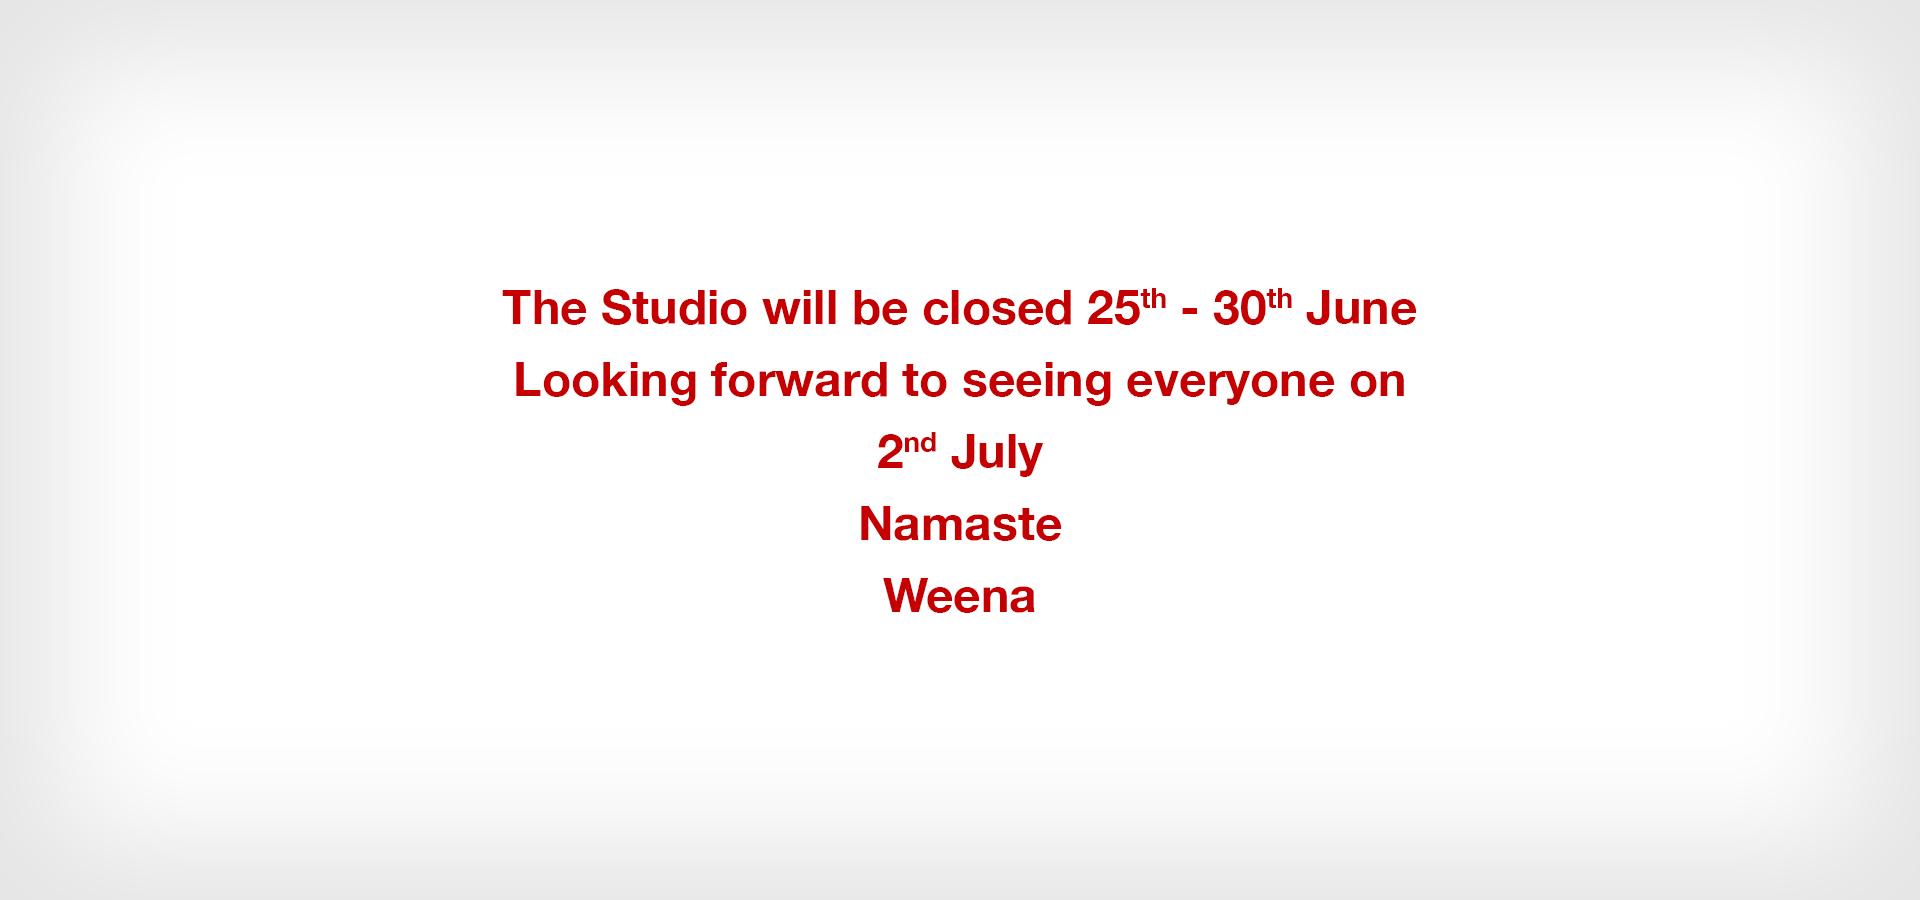 Weena Yogasana - The Studio will be closed